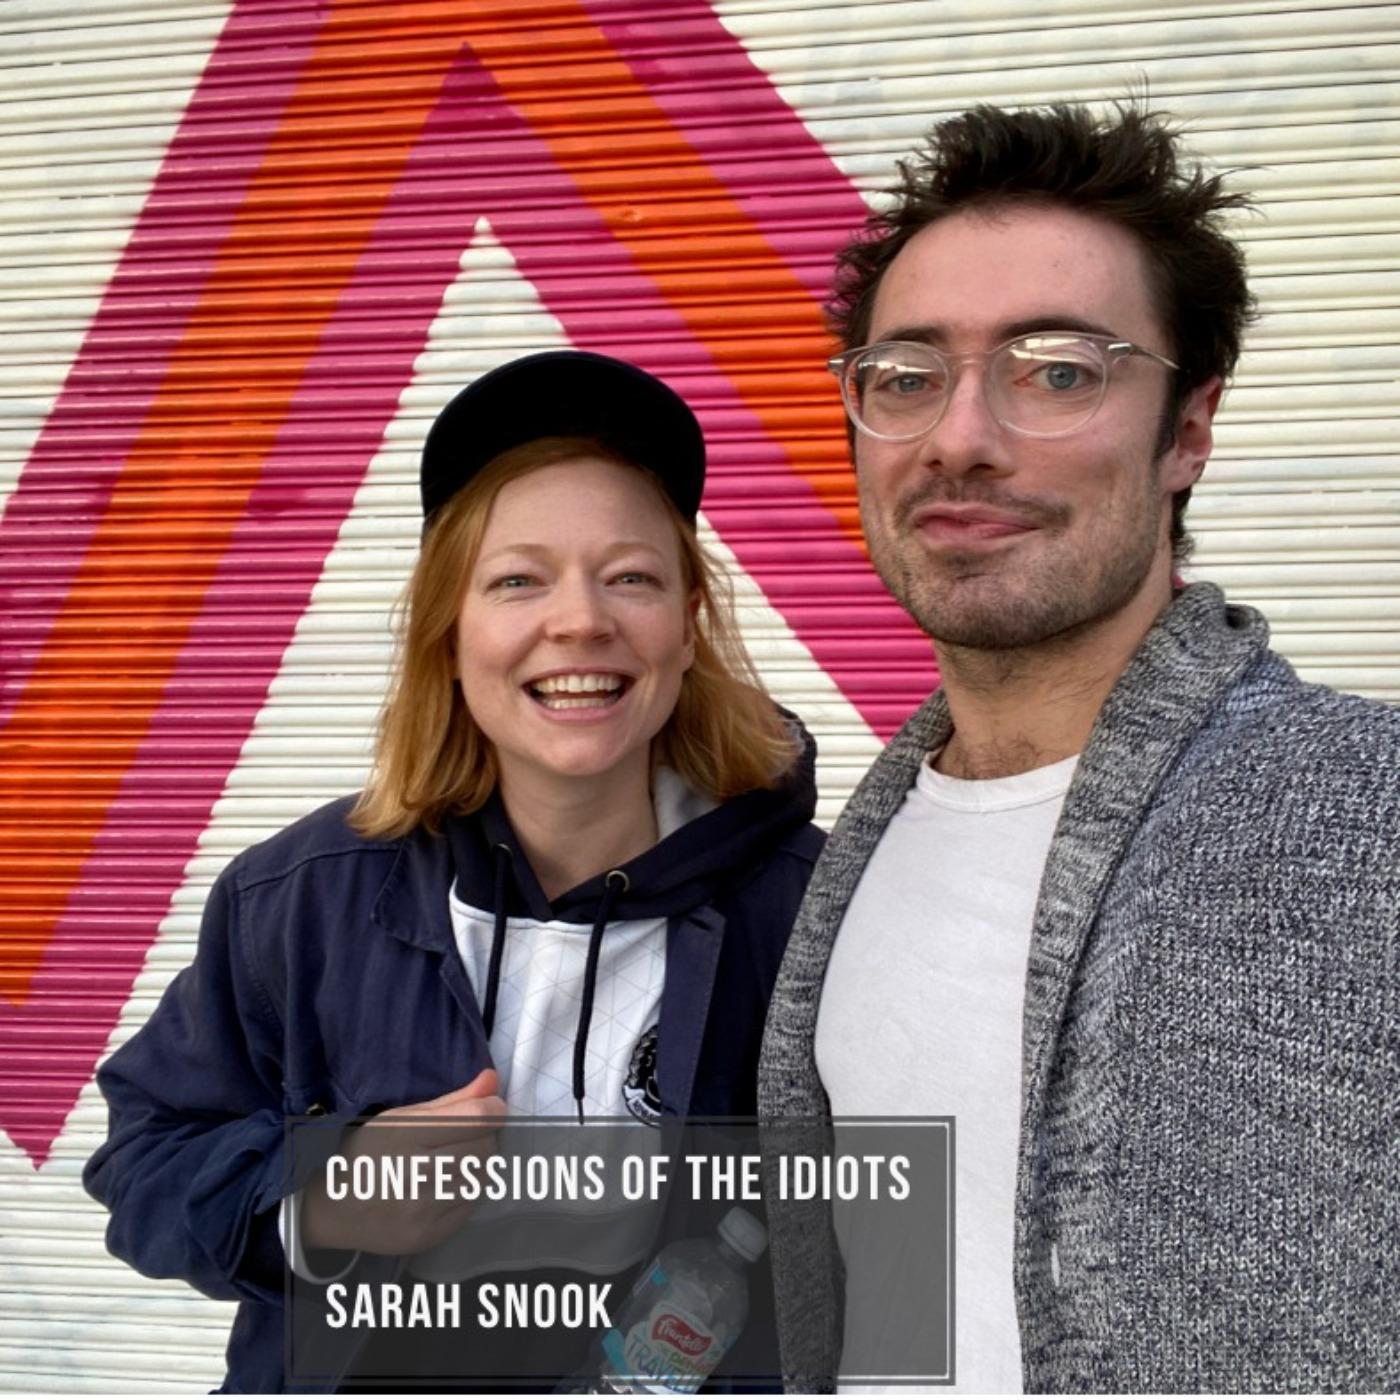 Sarah Snook